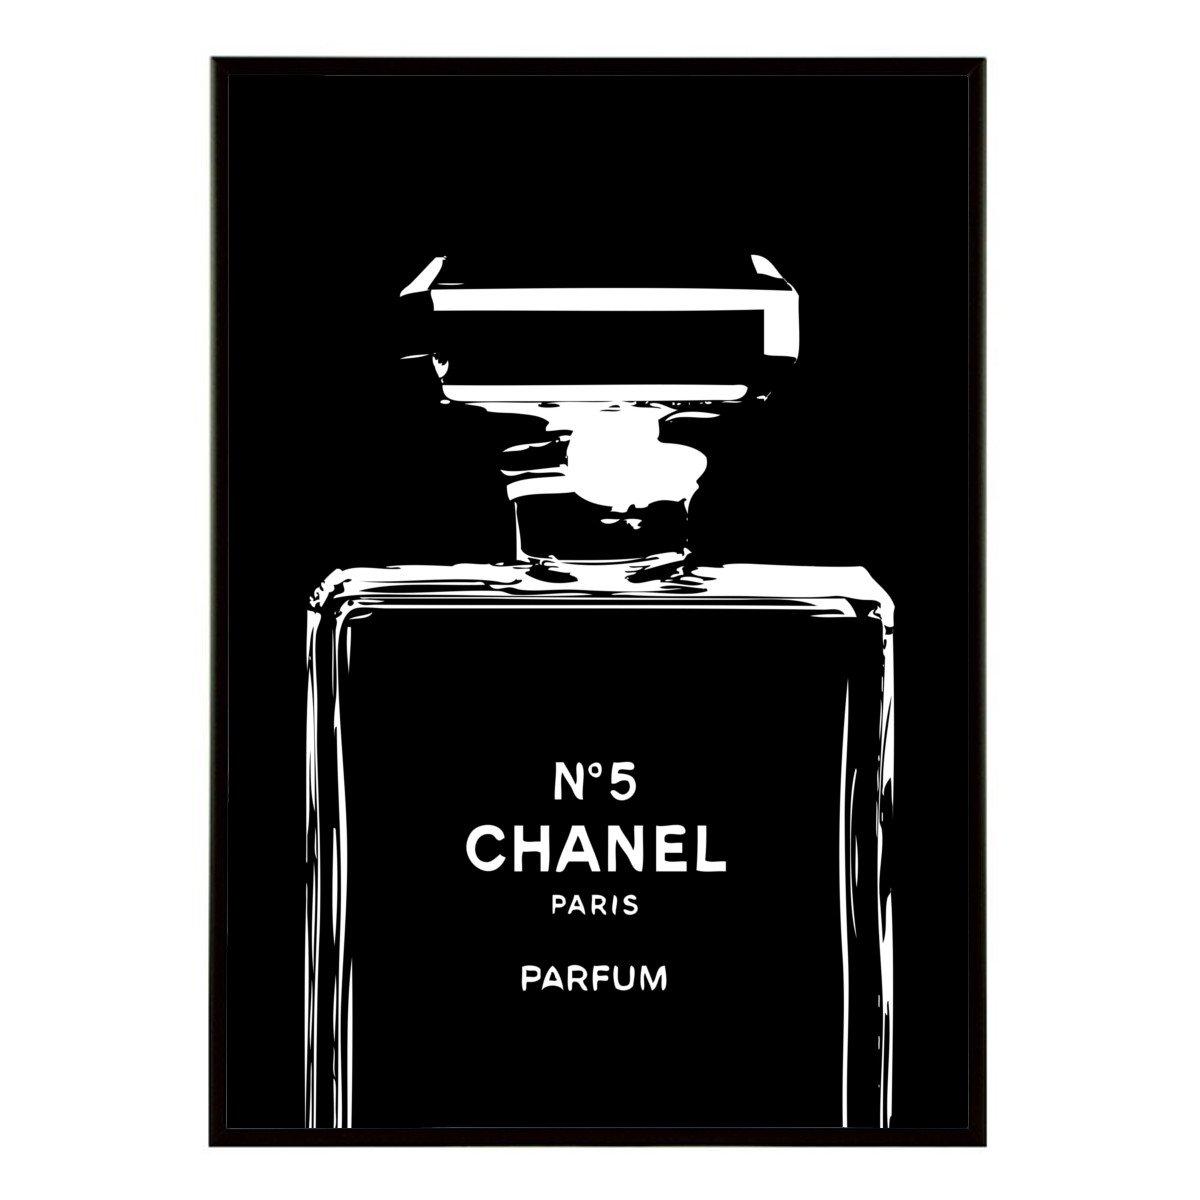 Aroma of Paris アートポスター おしゃれ インテリア 北欧 モノクロ アート #027 A1 ポスターのみ B0798S4W68 A1 (594 x 841mm)|ポスターのみ ポスターのみ A1 (594 x 841mm)